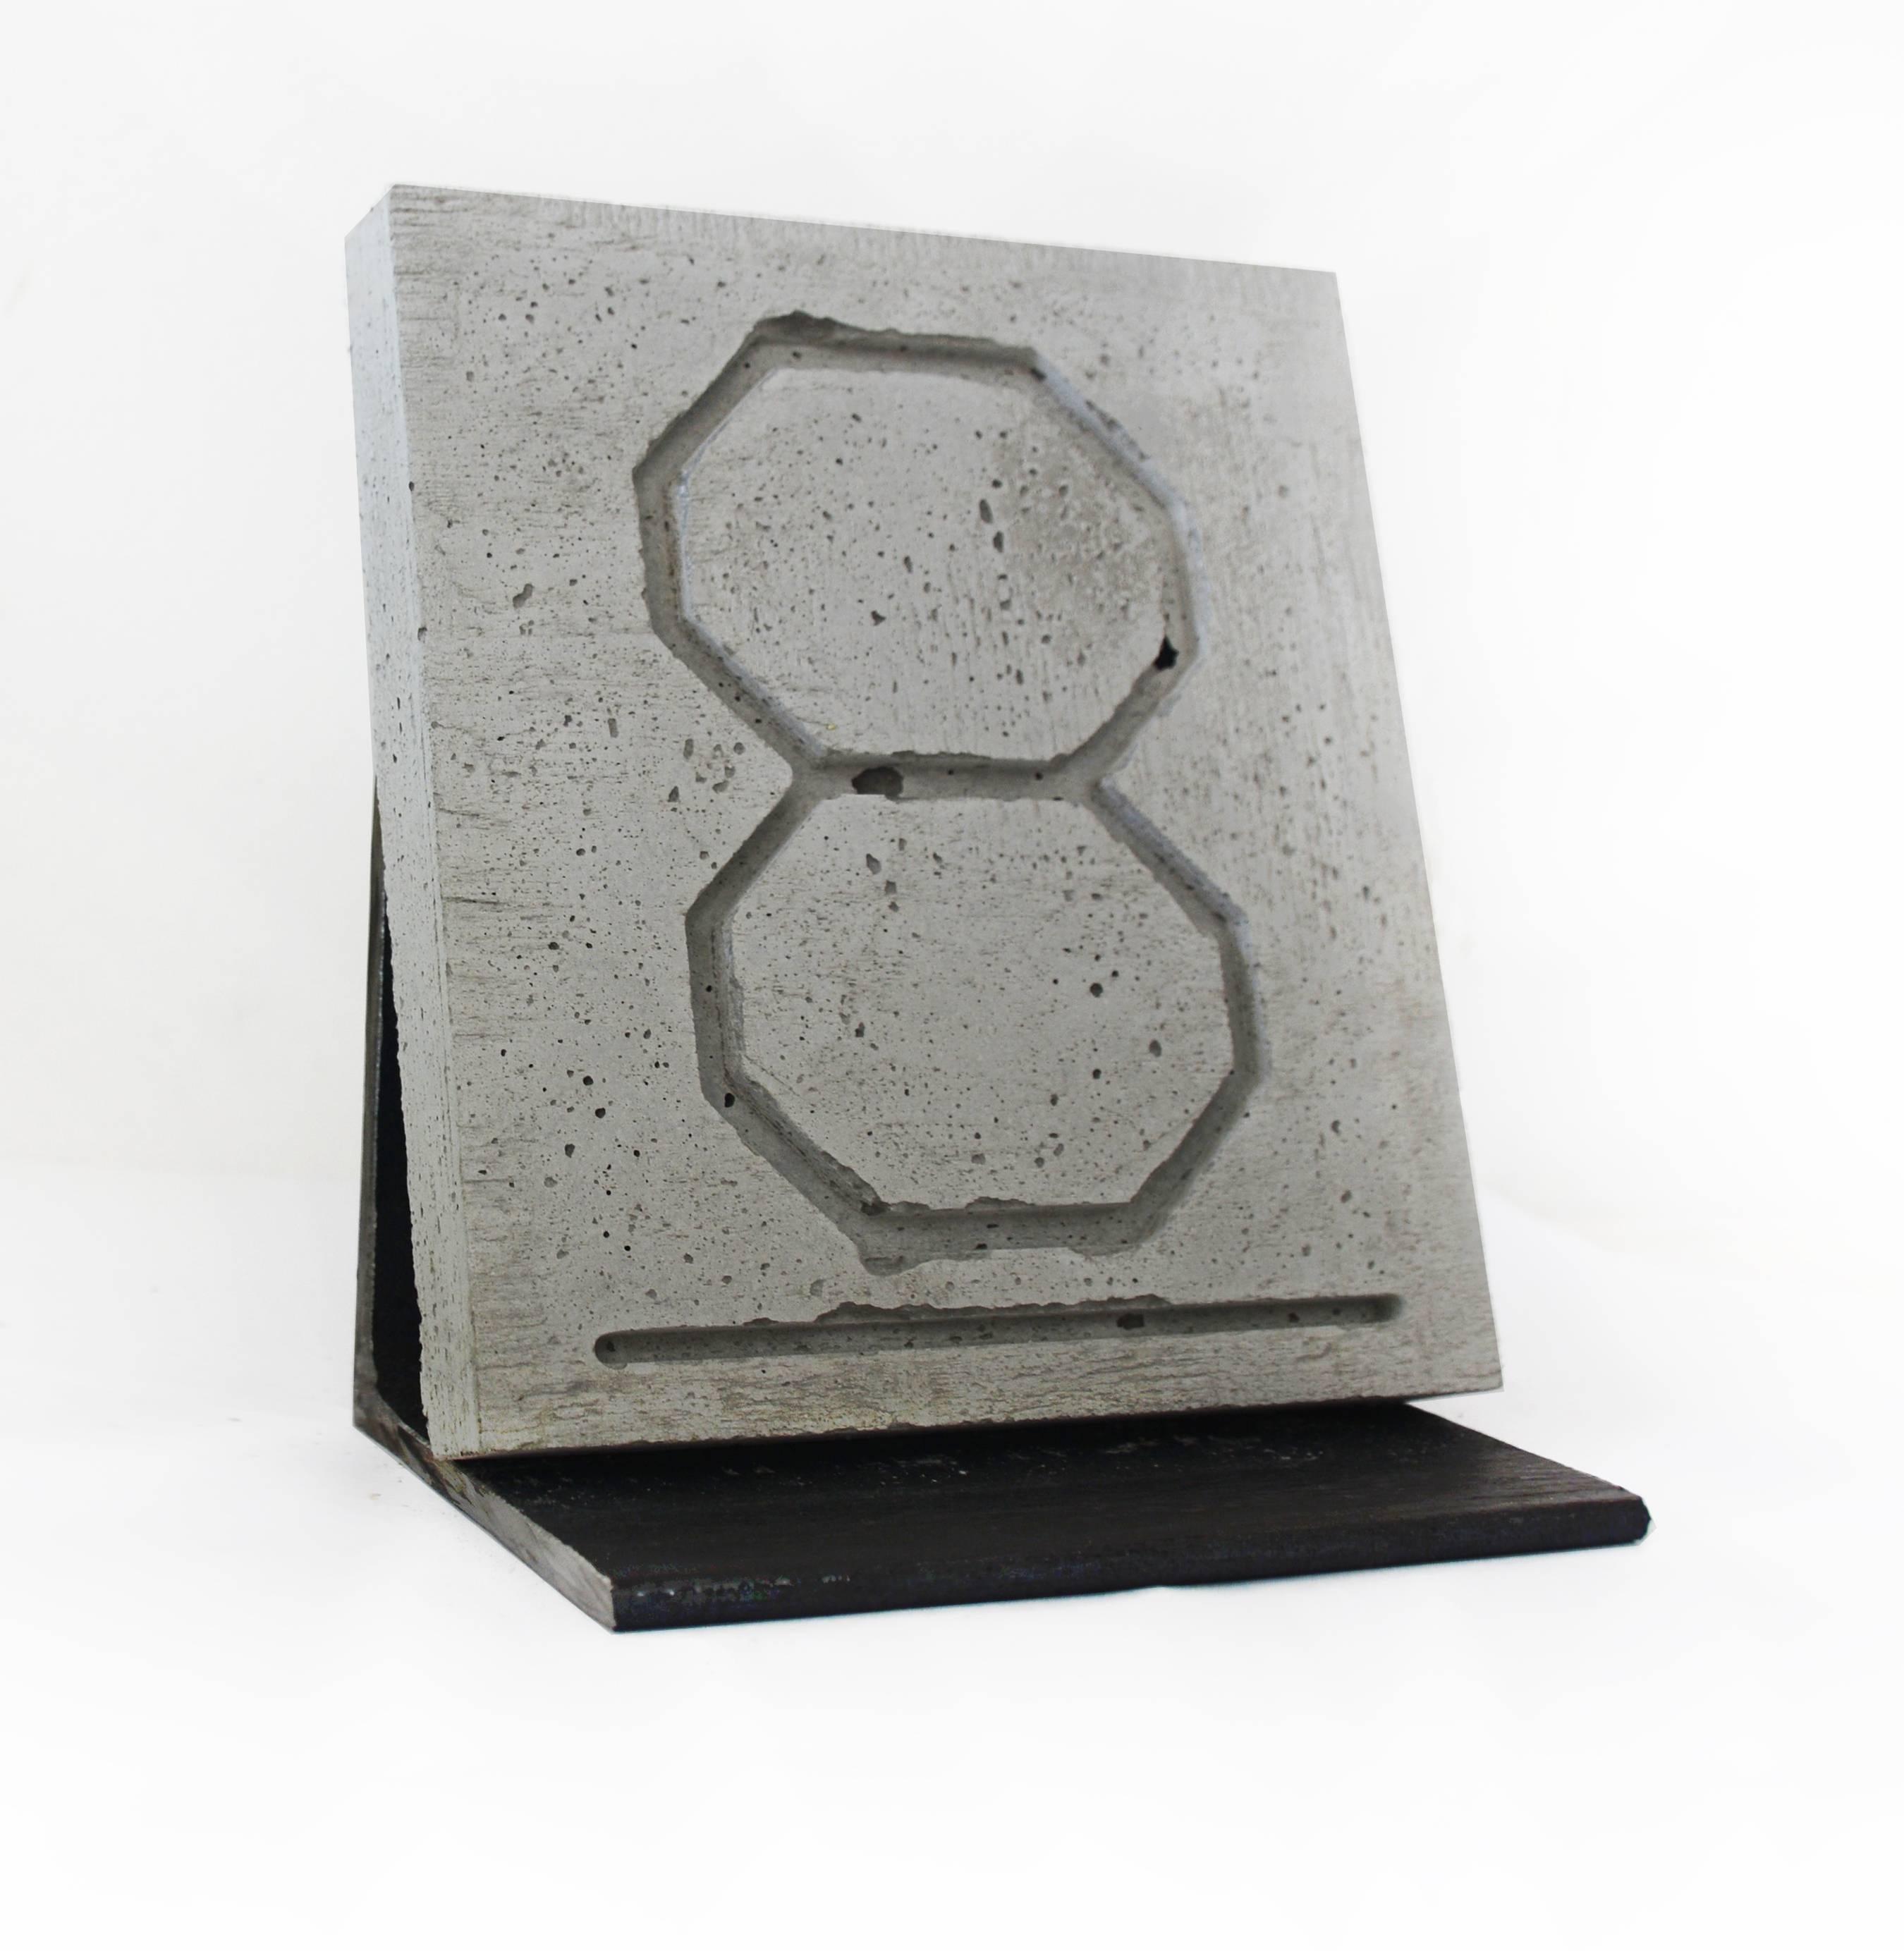 Klapper & Gallagher, The Golden Ratio f6, 2016, Concrete, Steel